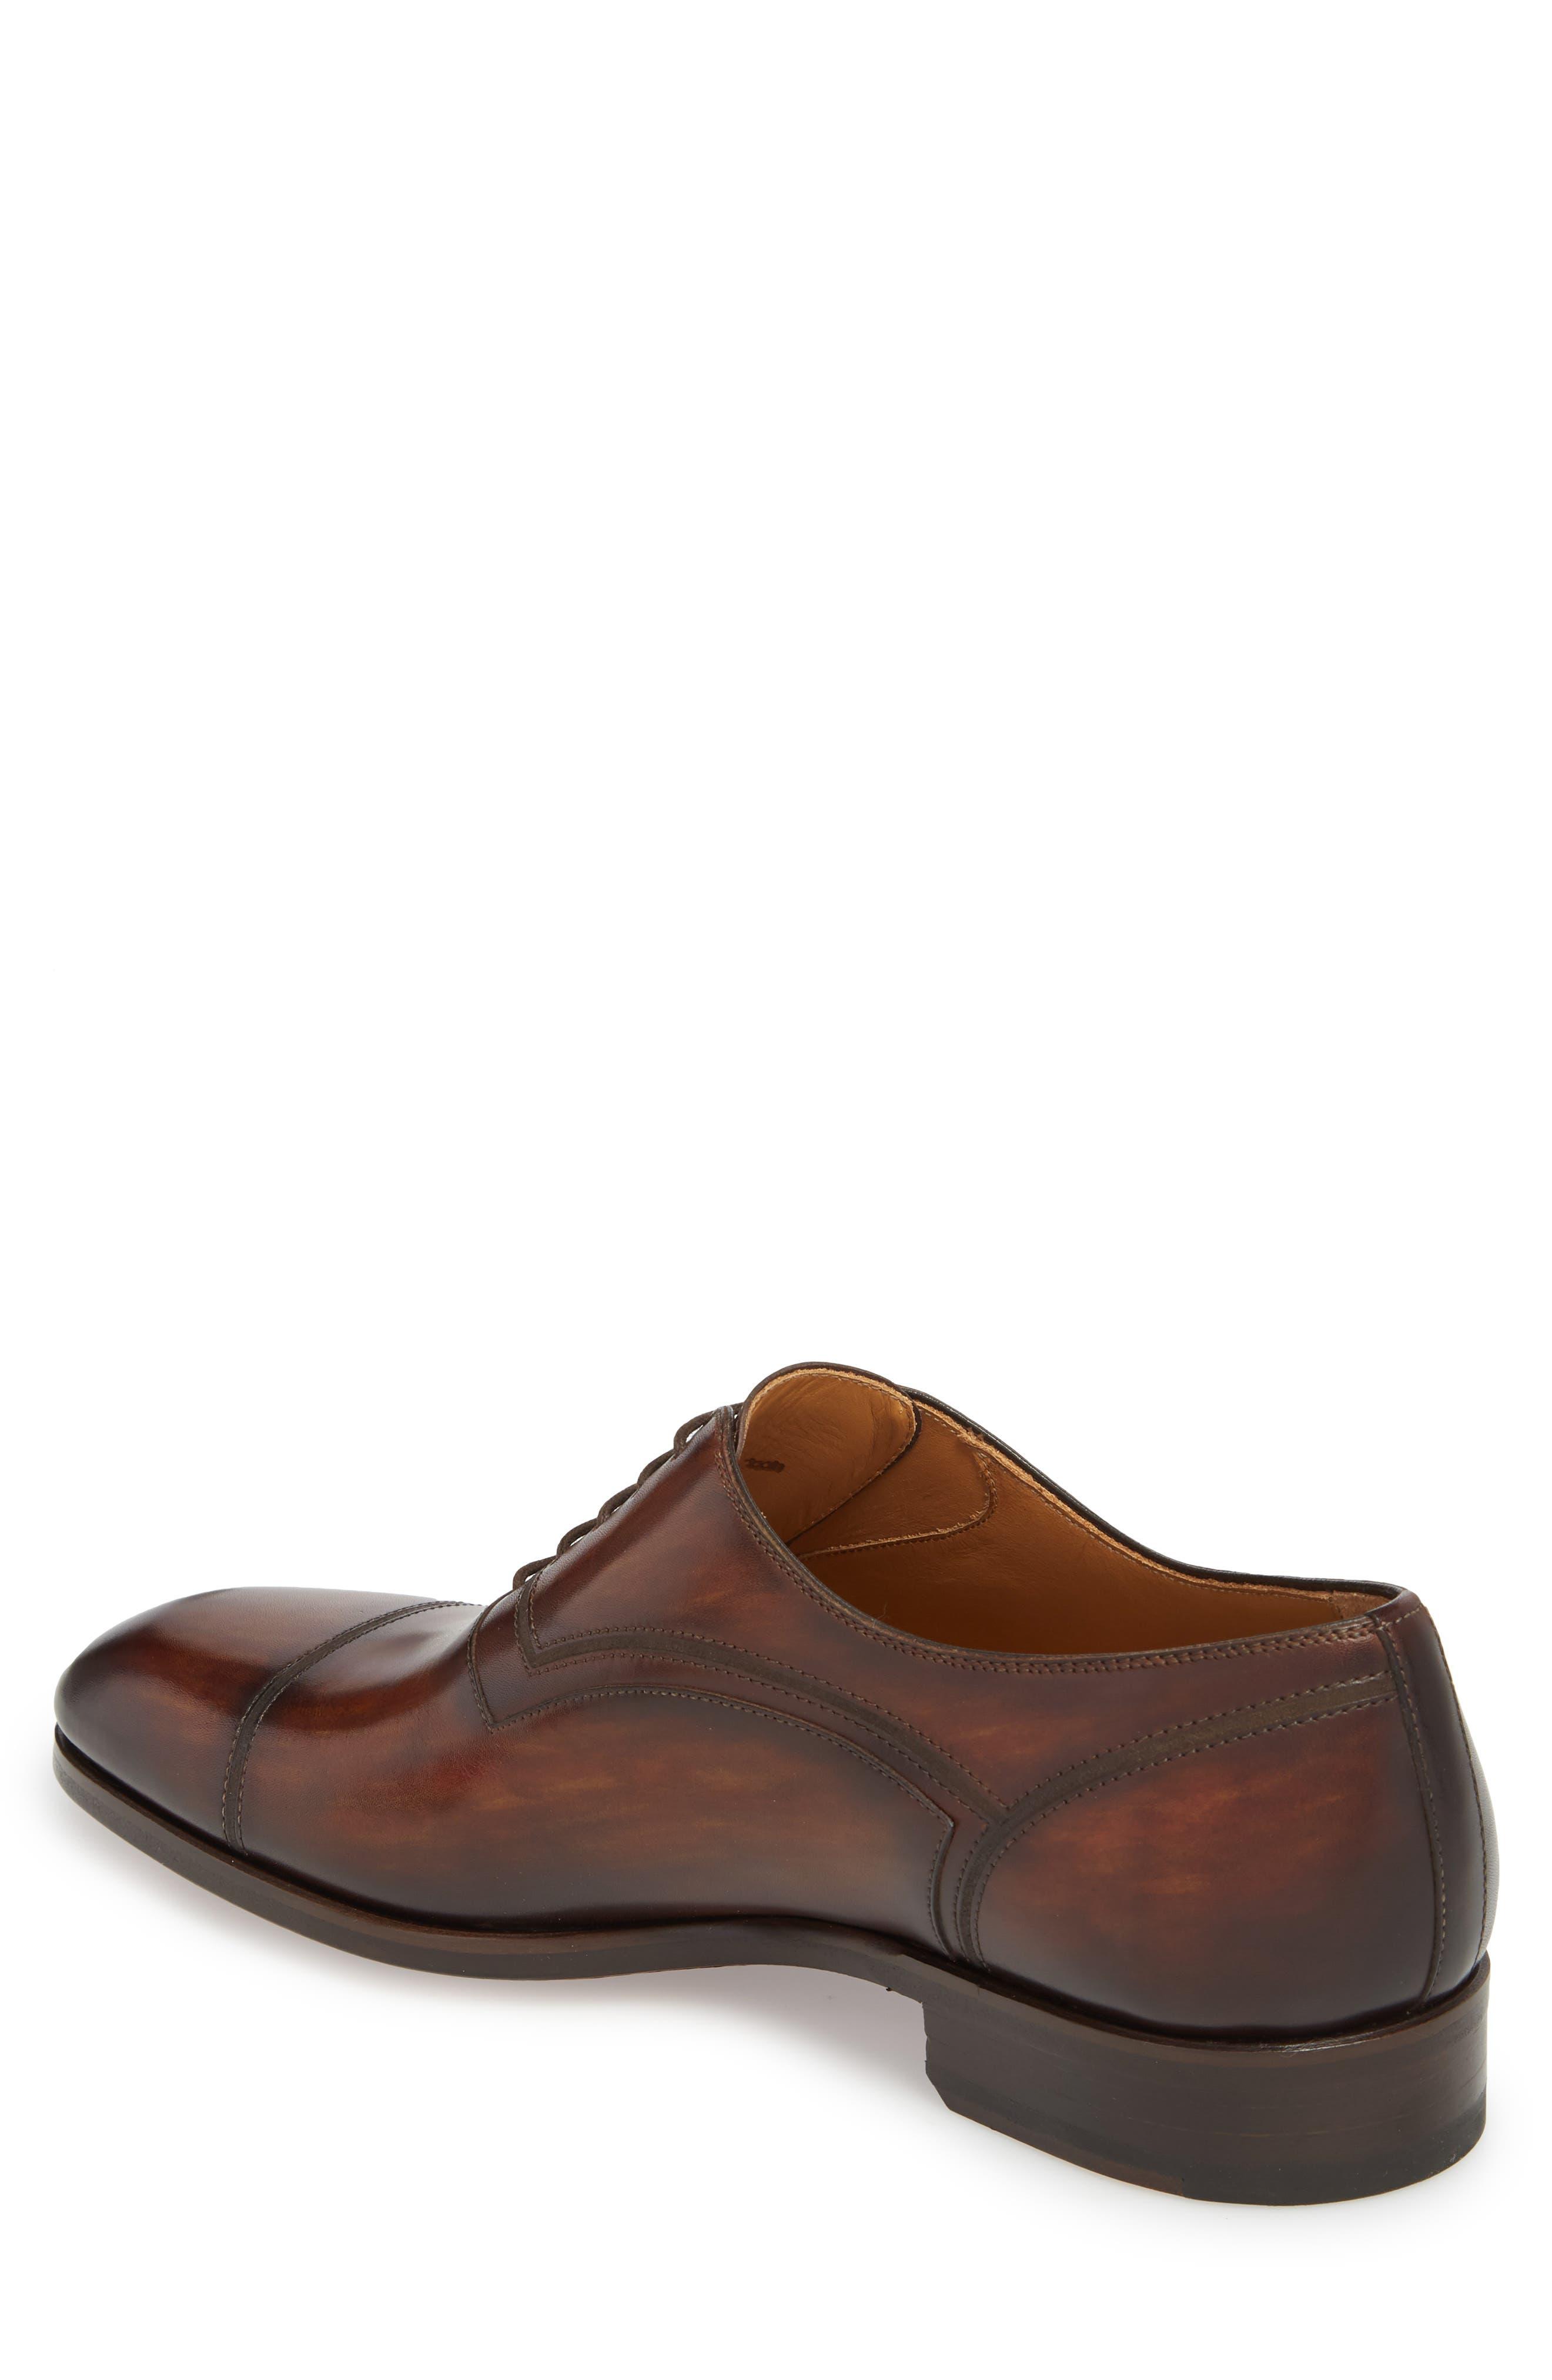 Cadiz Whole Cut Shoe,                             Alternate thumbnail 2, color,                             TOBACCO LEATHER